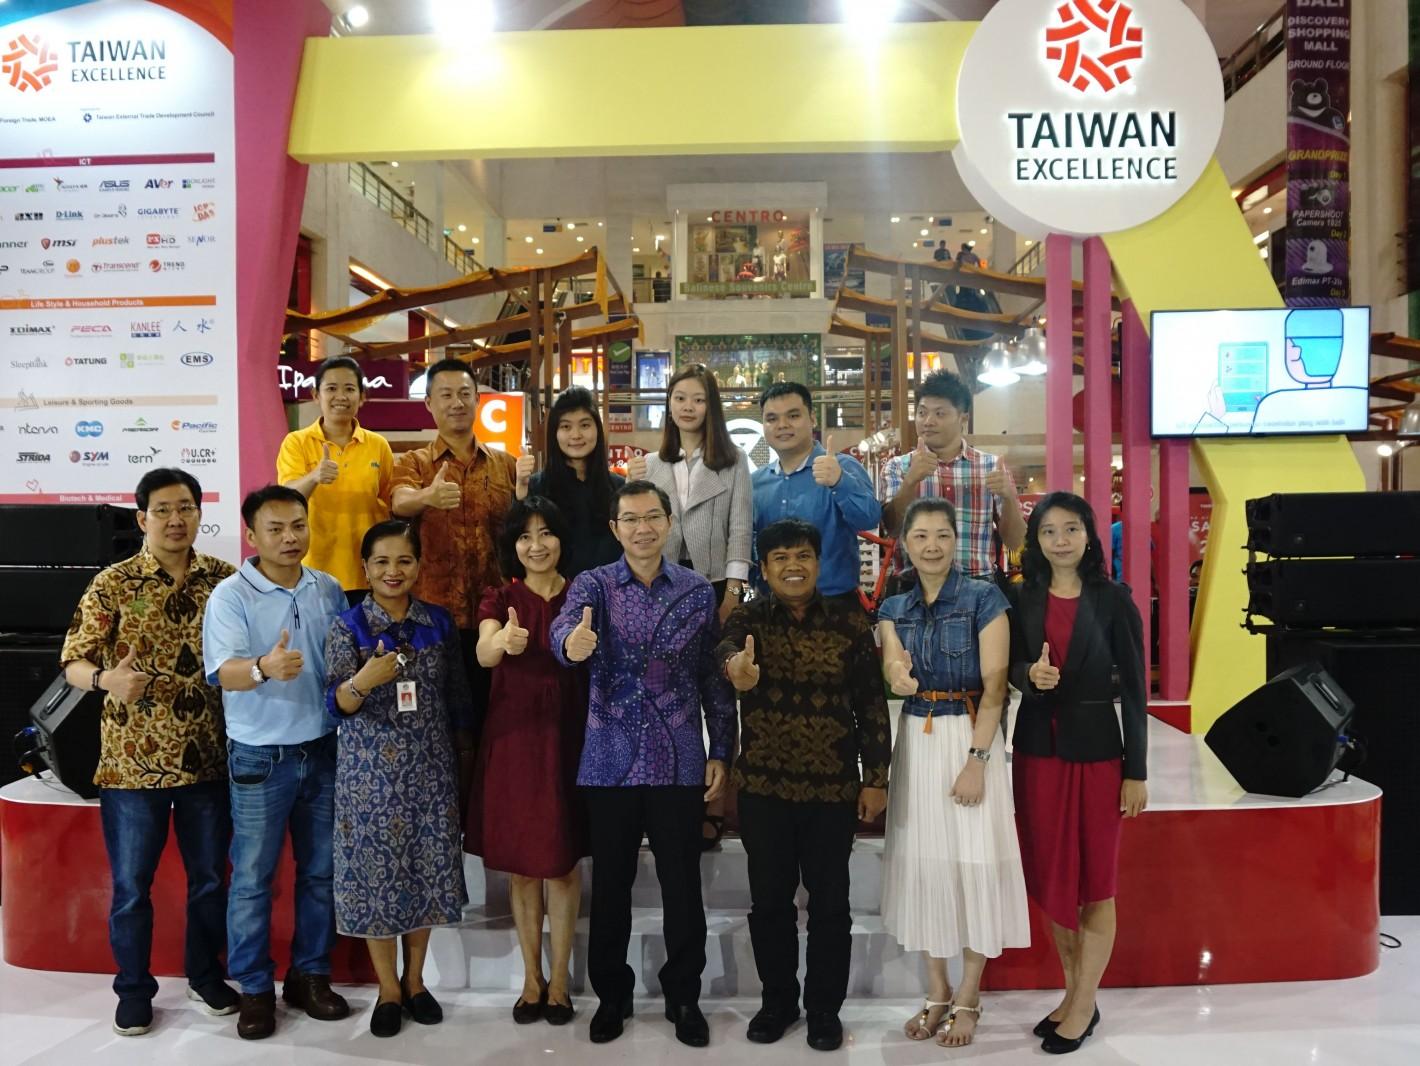 印尼峇里島購物中心體驗行銷活動台灣與印尼代表合影